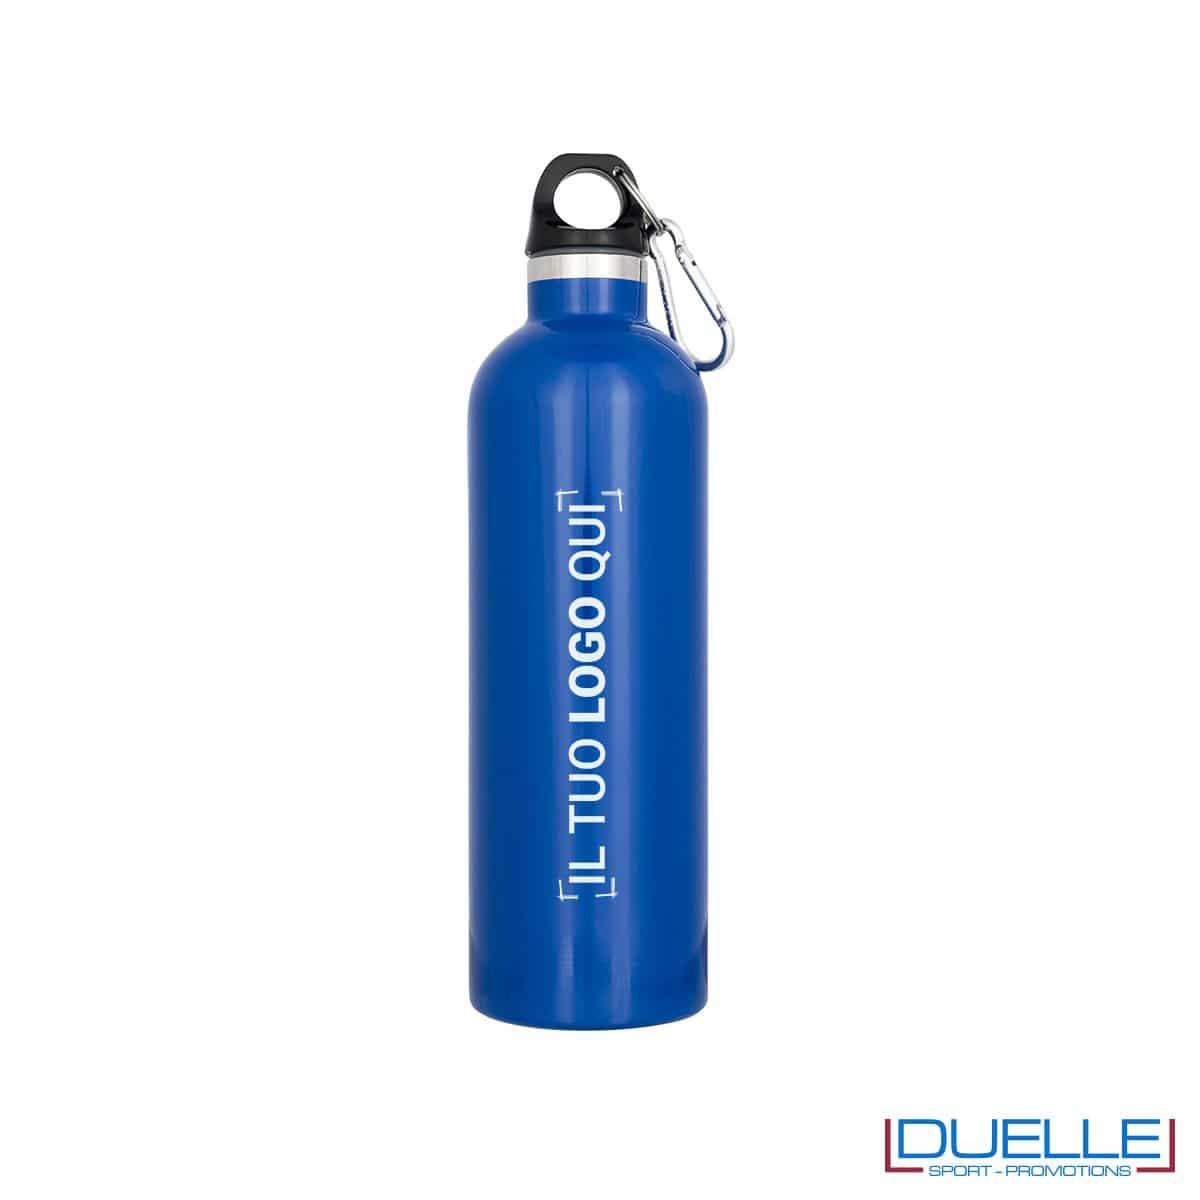 borraccia termica sottovuoto personalizzata in colore blu